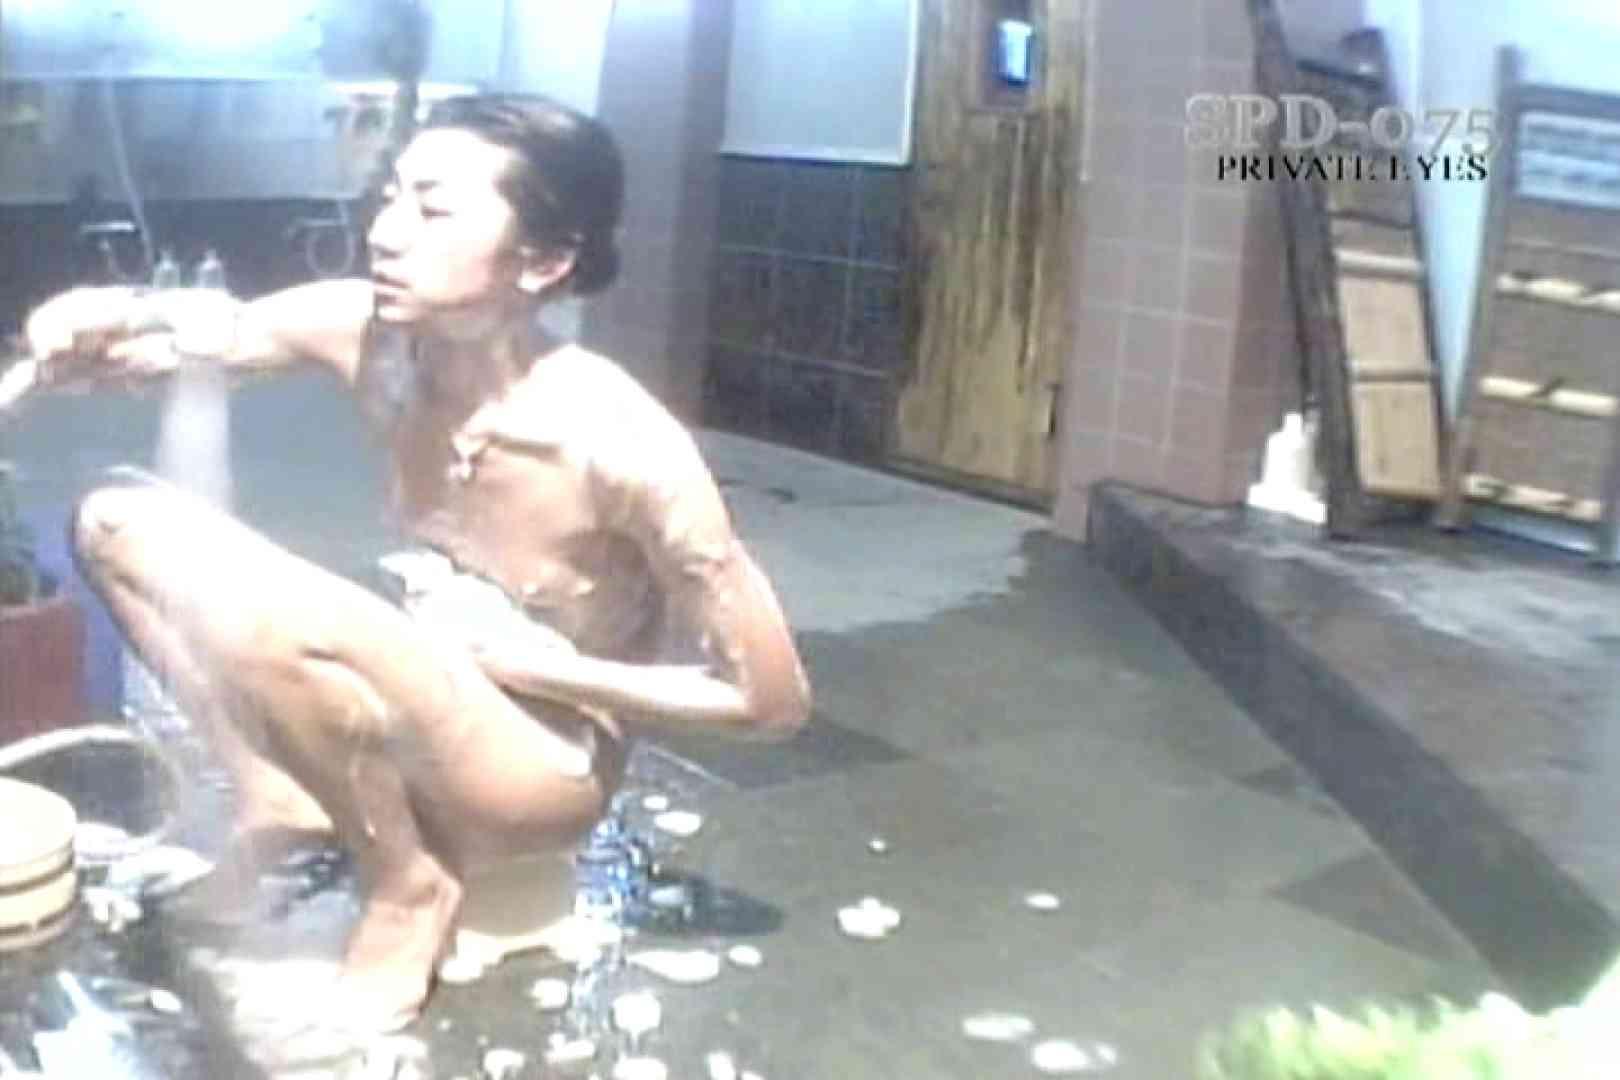 高画質版!SPD-075 脱衣所から洗面所まで 9カメ追跡盗撮 追跡 われめAV動画紹介 110枚 55